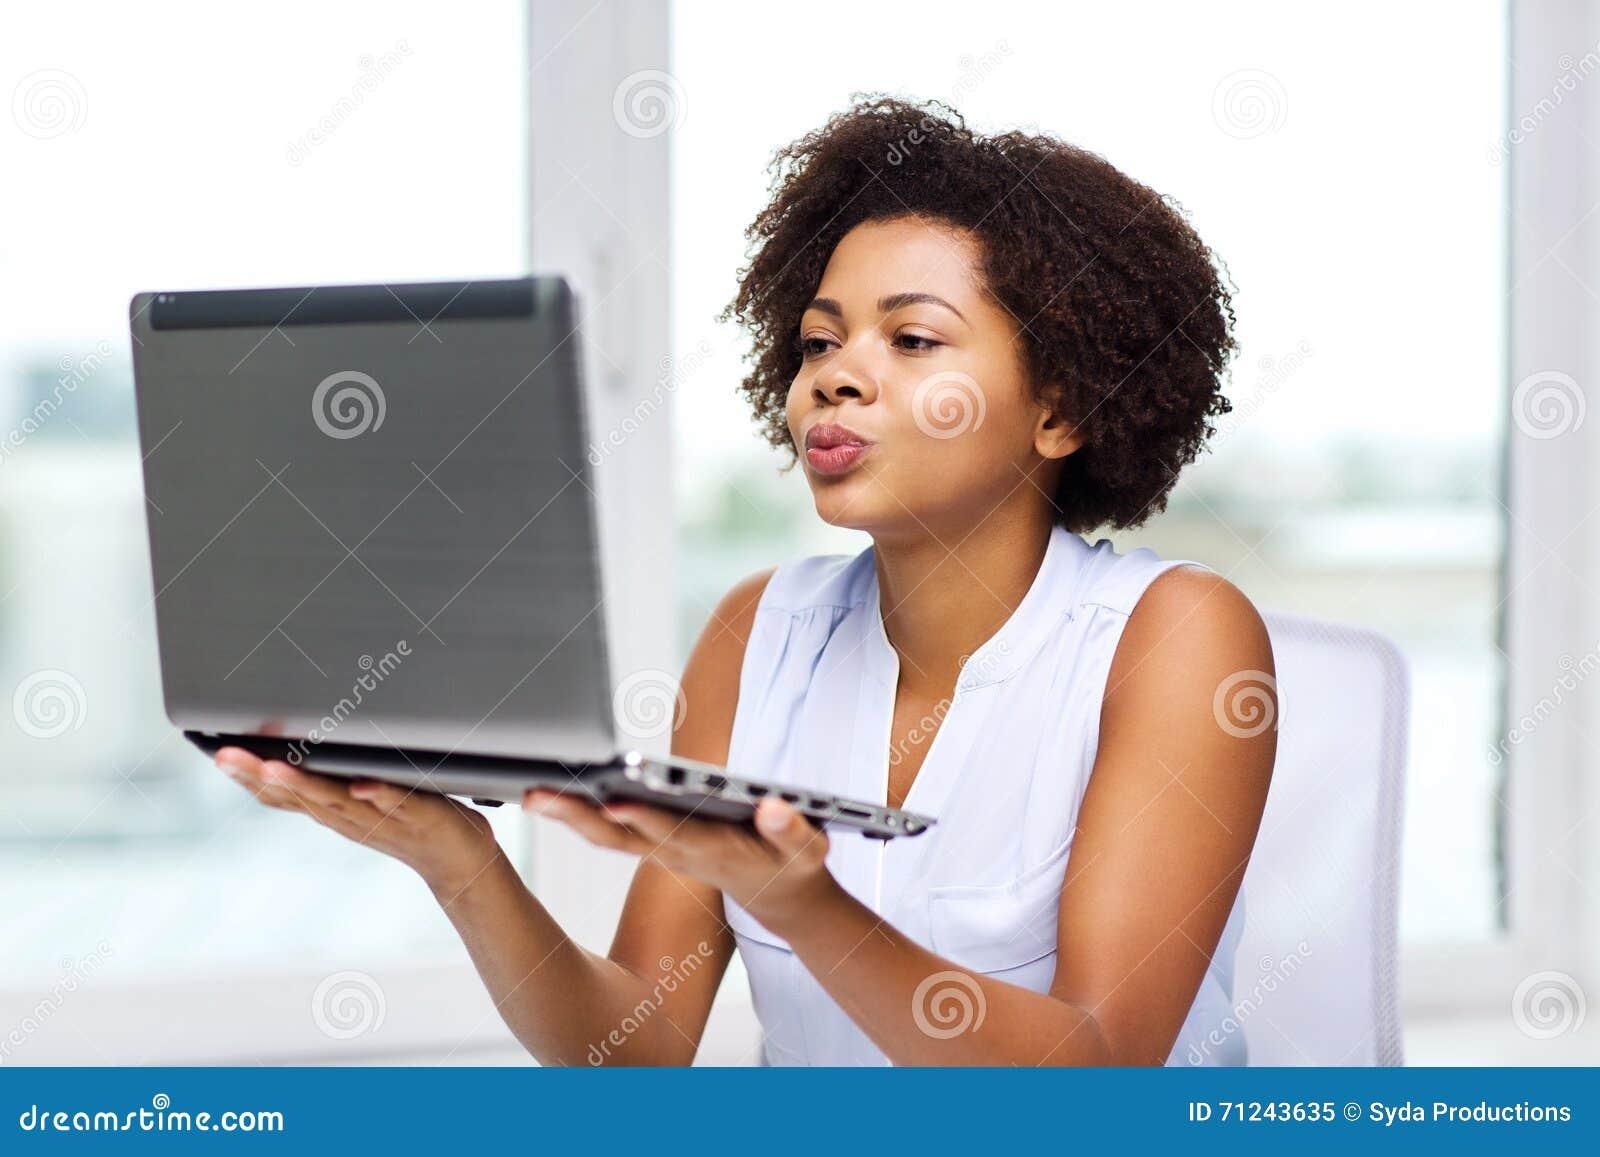 femmes africaines datant des sites sites de rencontre qui sont vraiment libres